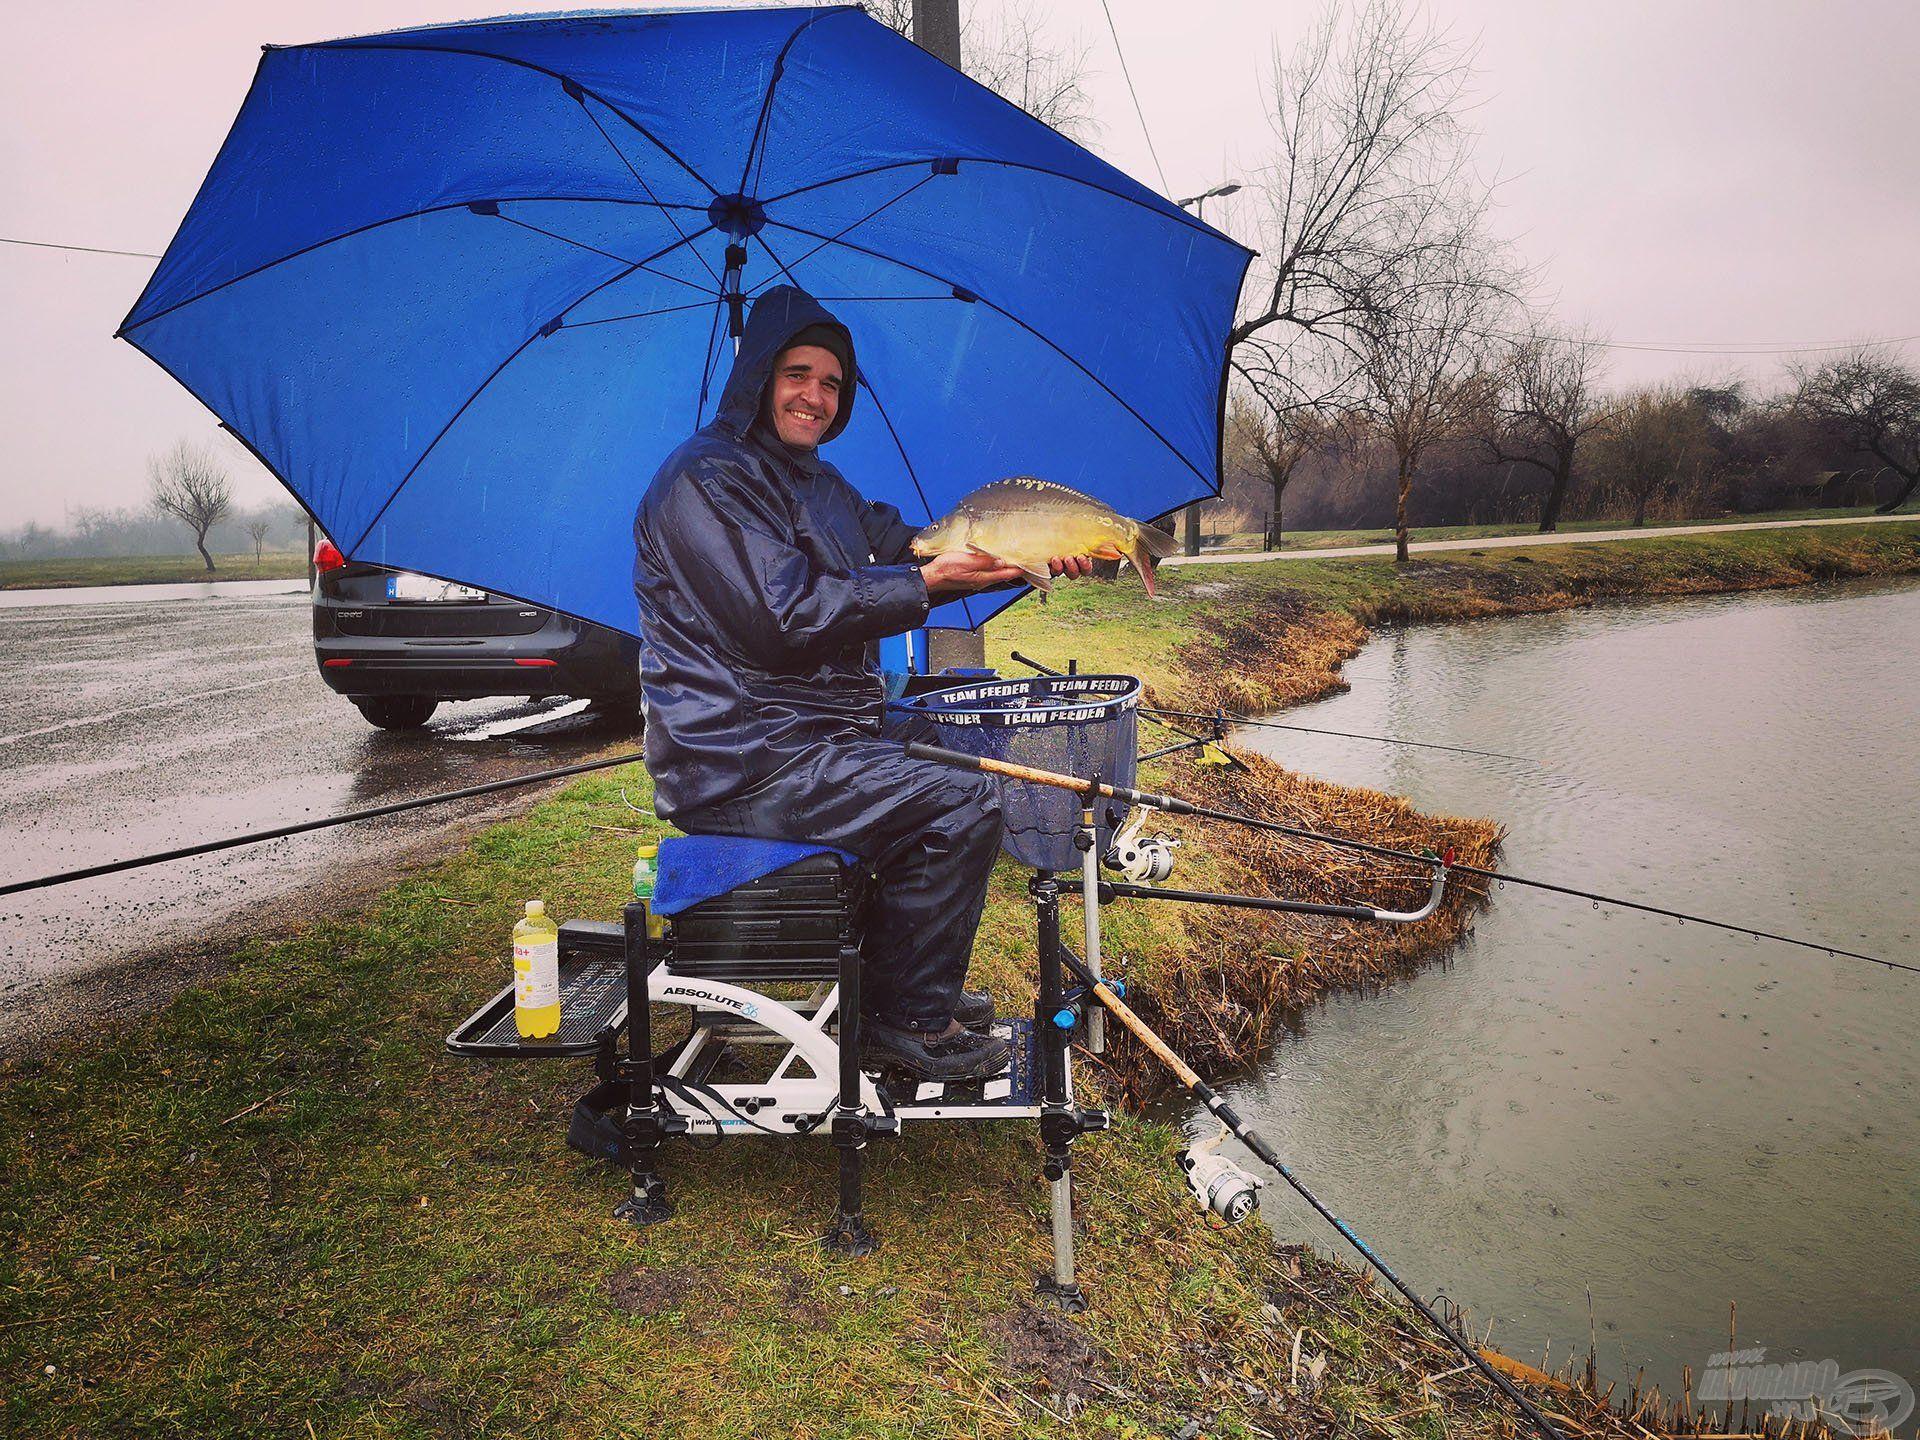 Megfelelő ernyővel és esőruházattal rossz időben is lehet jót horgászni